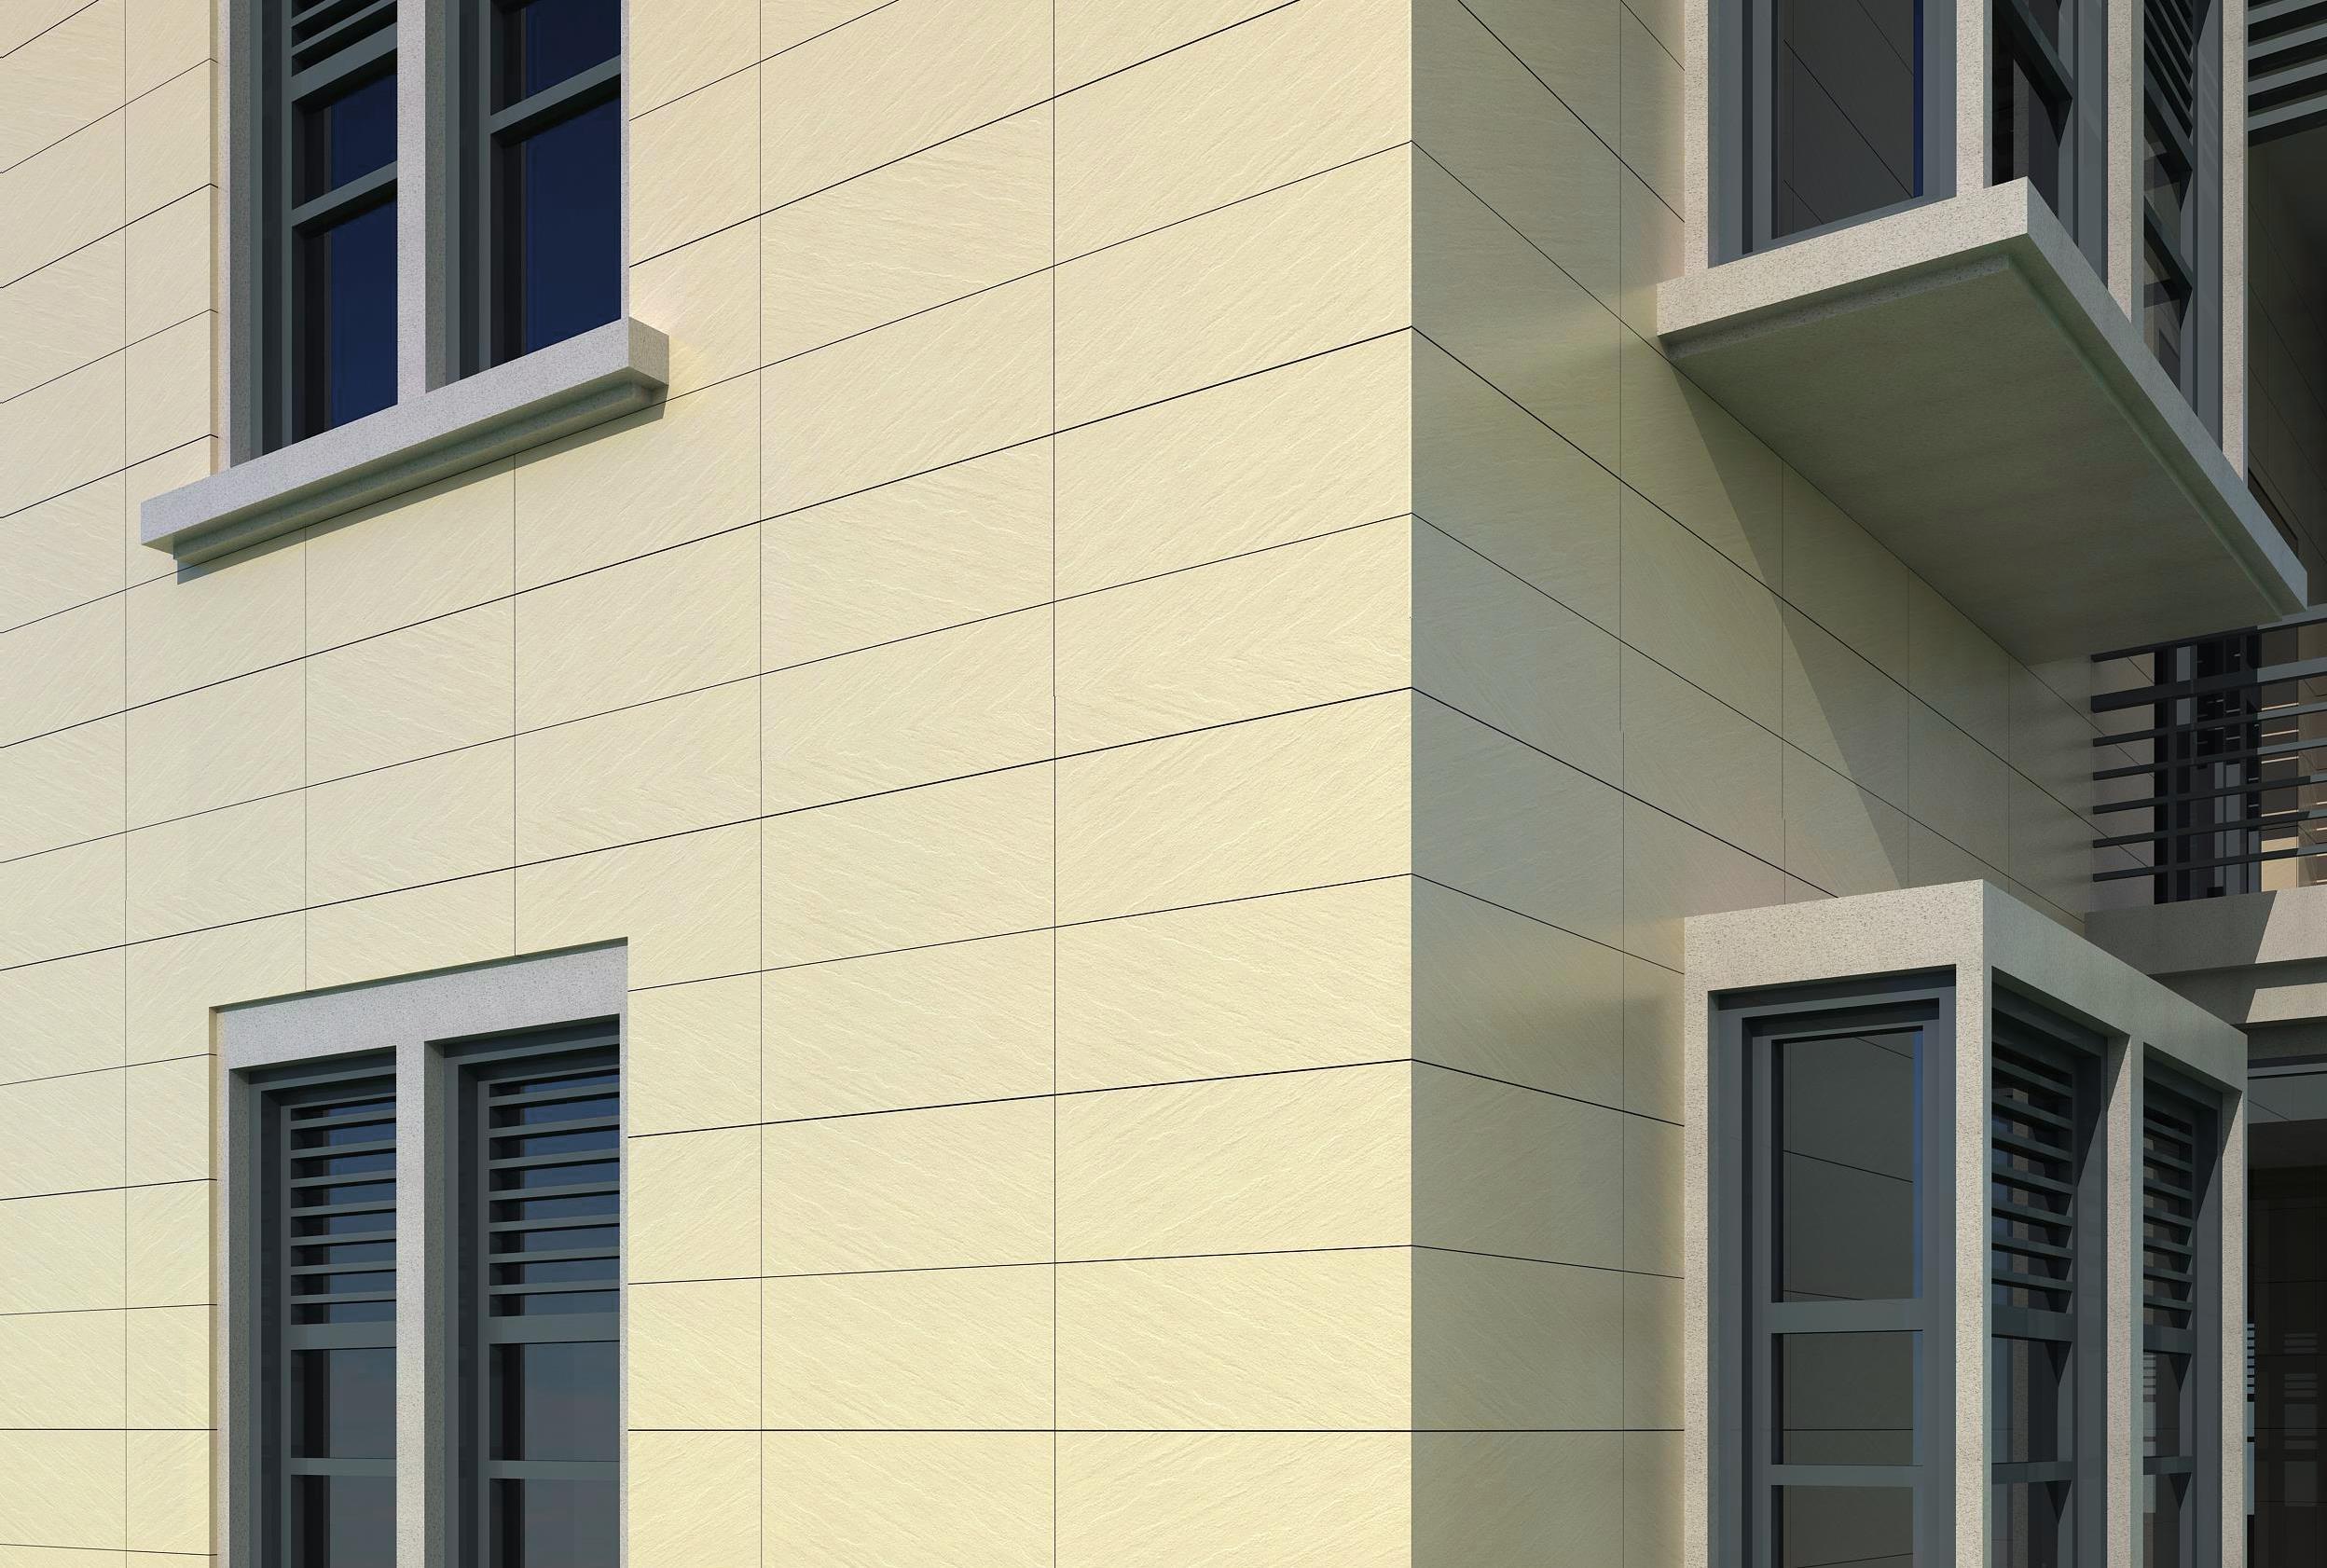 瓷磚幕墻干掛方式都有哪些 背槽式干掛有什么優點